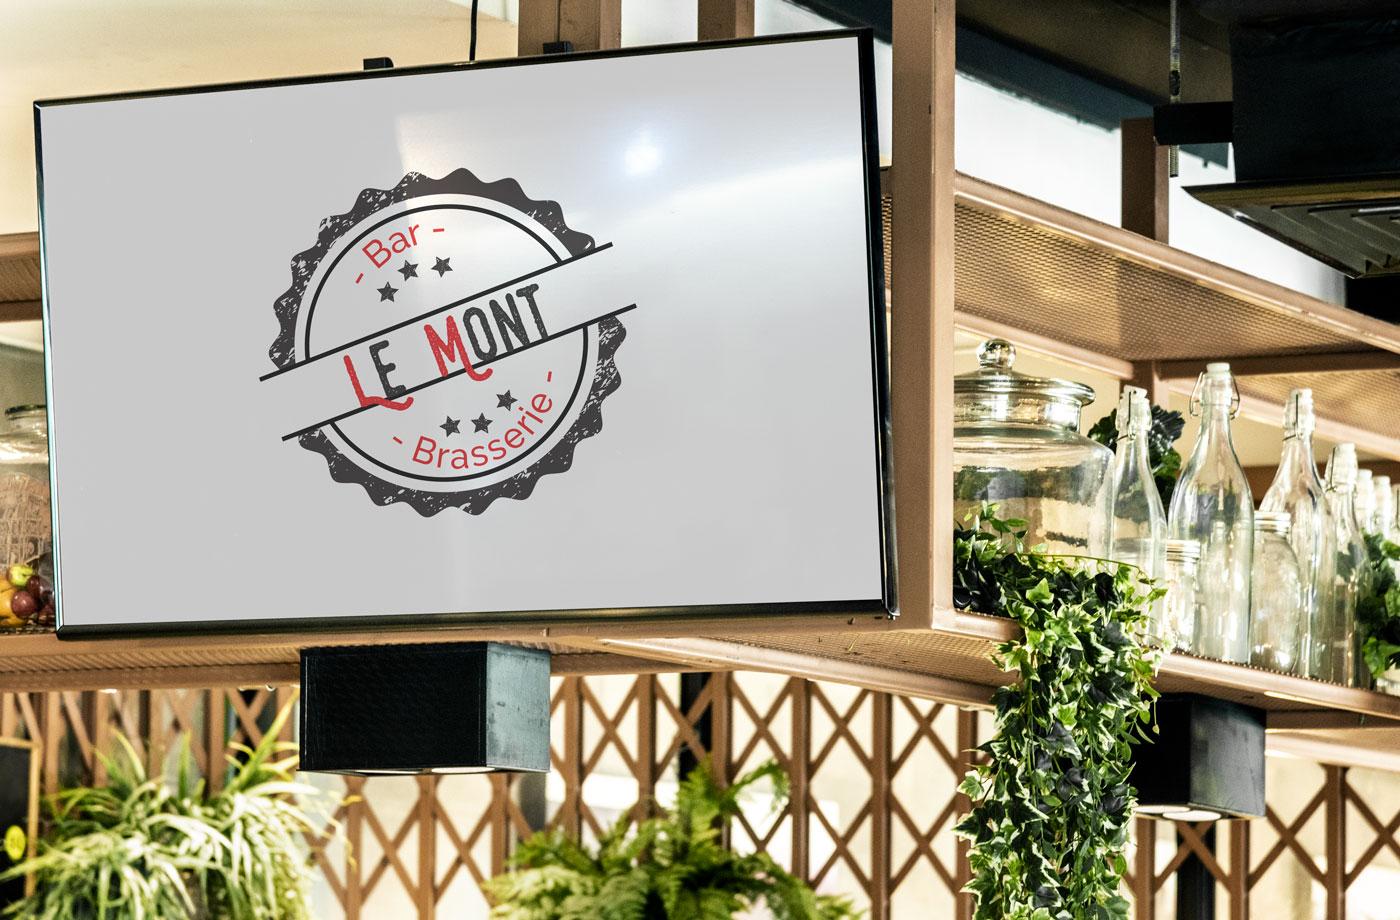 Logo du Bar Brasserie Le Mont réalisé par Emilia Simandy webdesigner graphiste à Lille